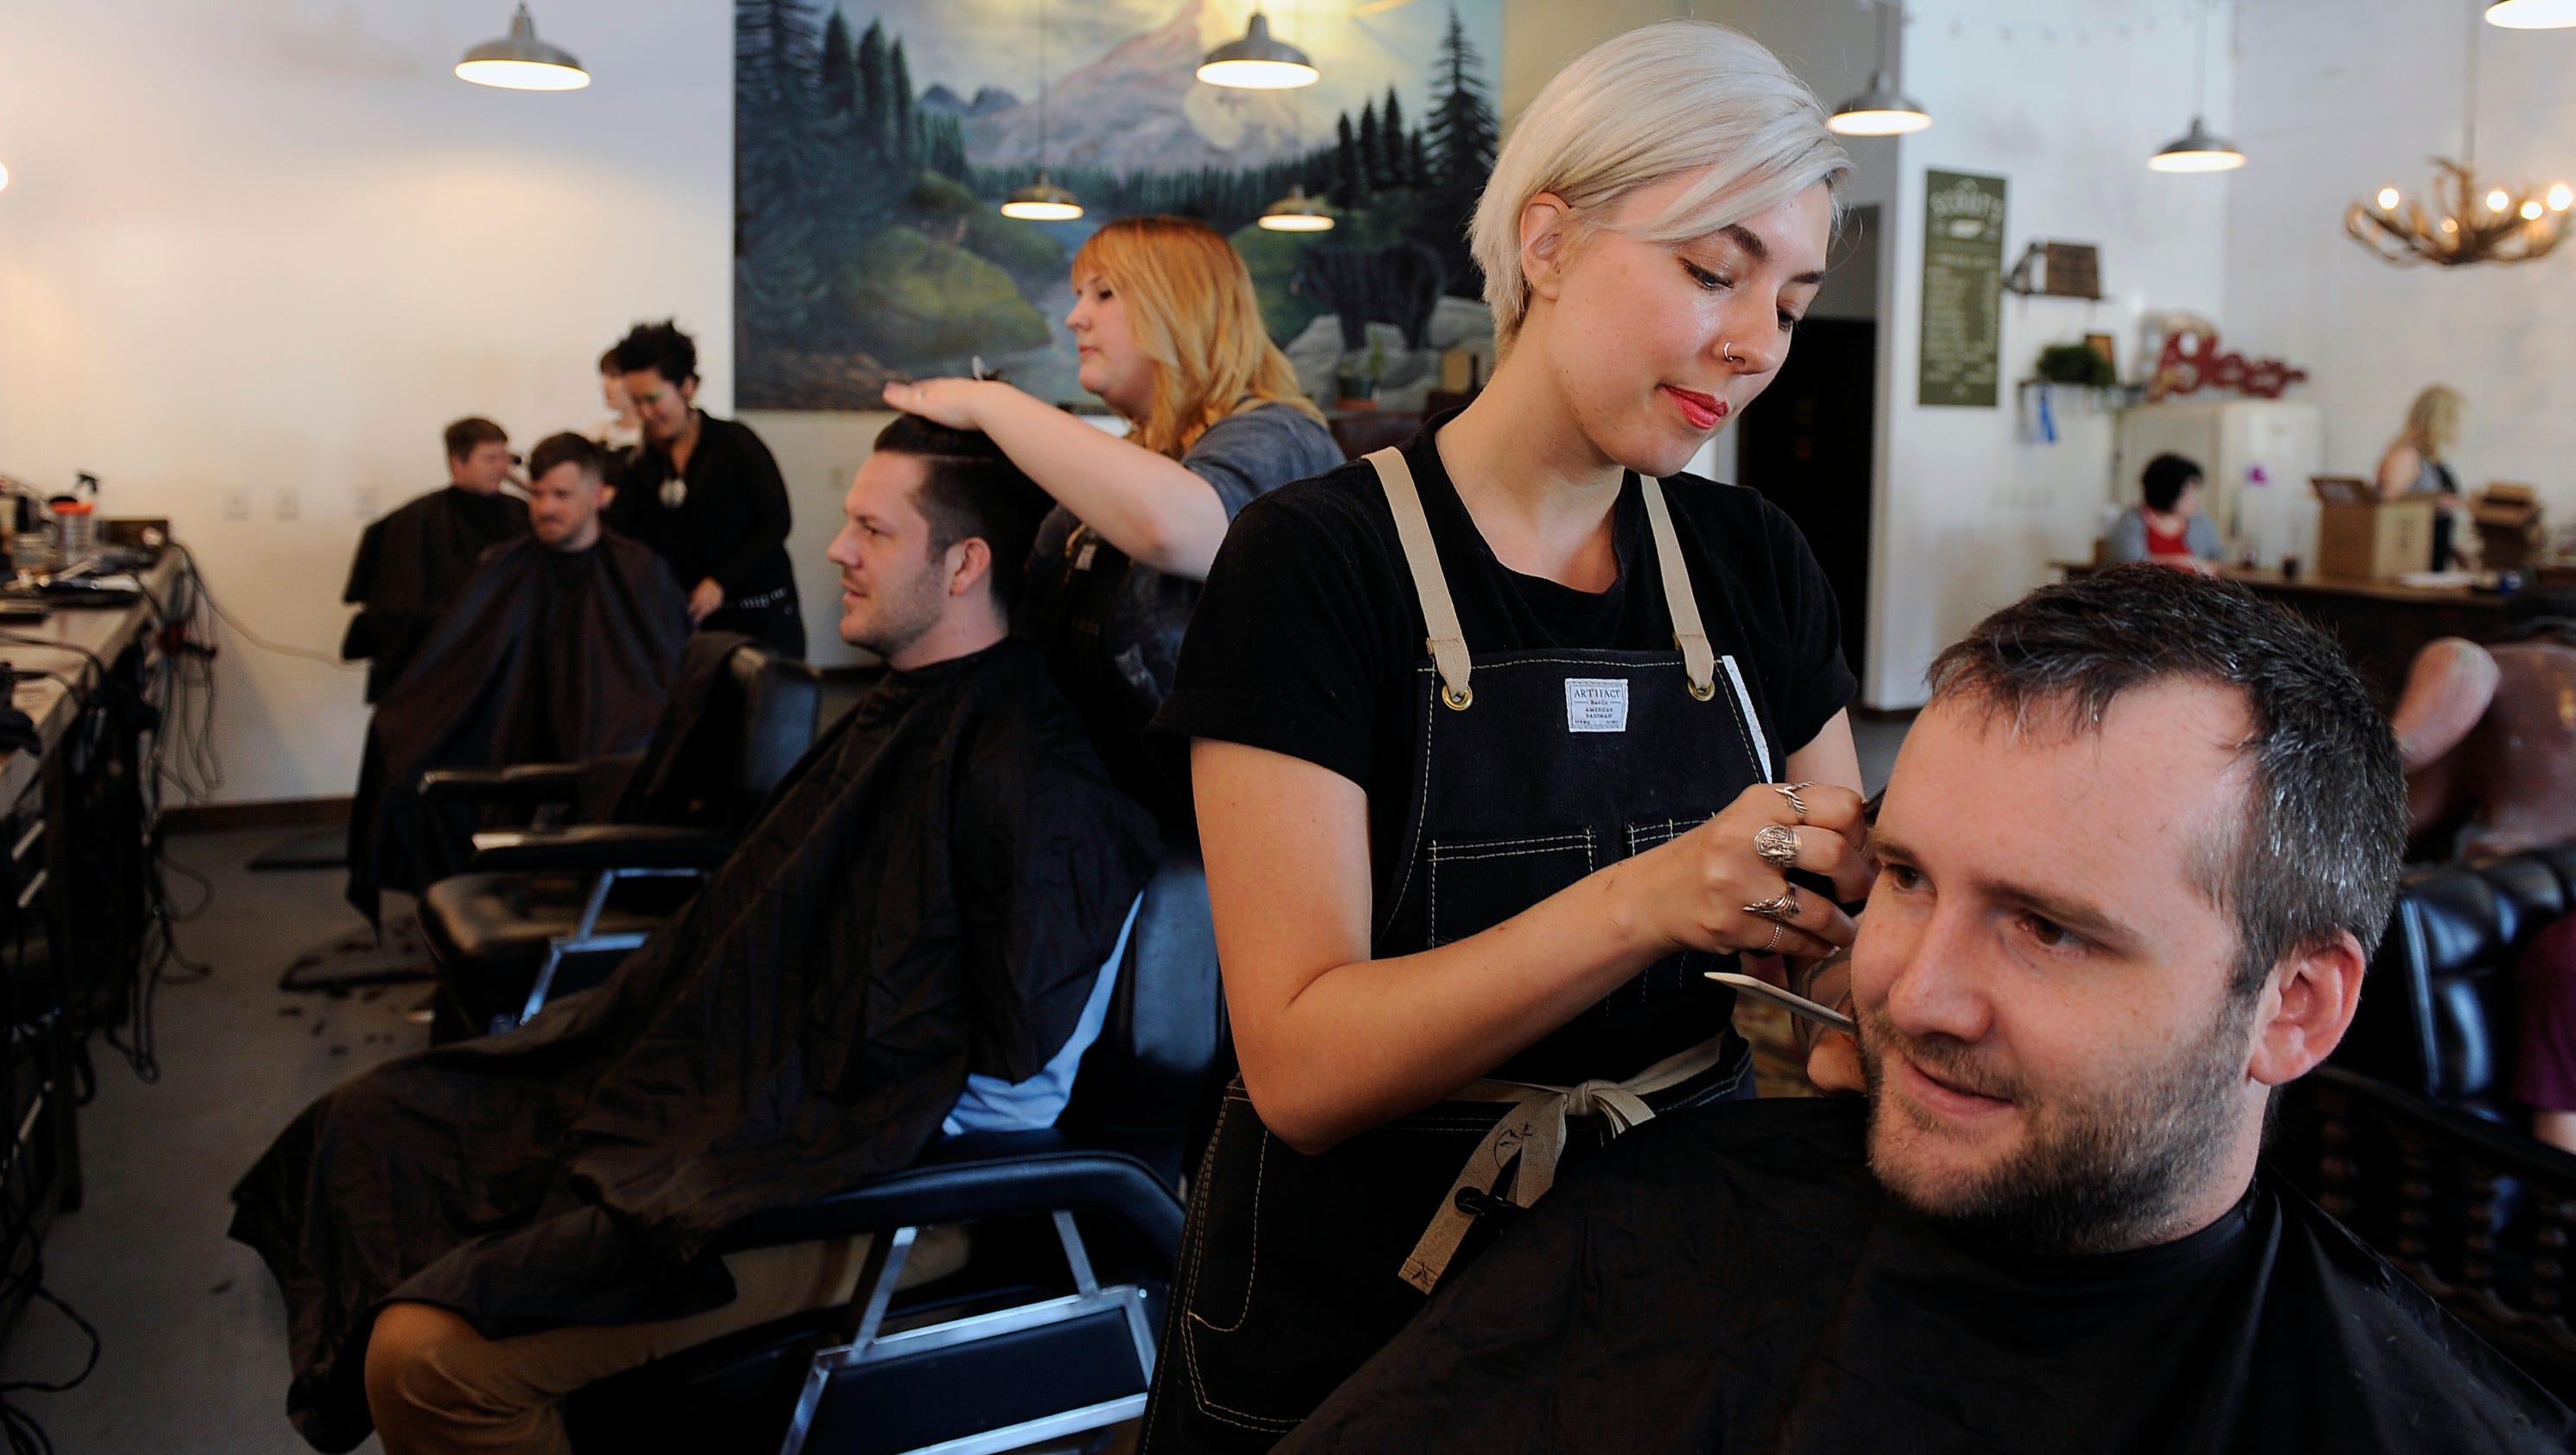 Barber Nashville : Hip barbershop trend makes it big in Nashville